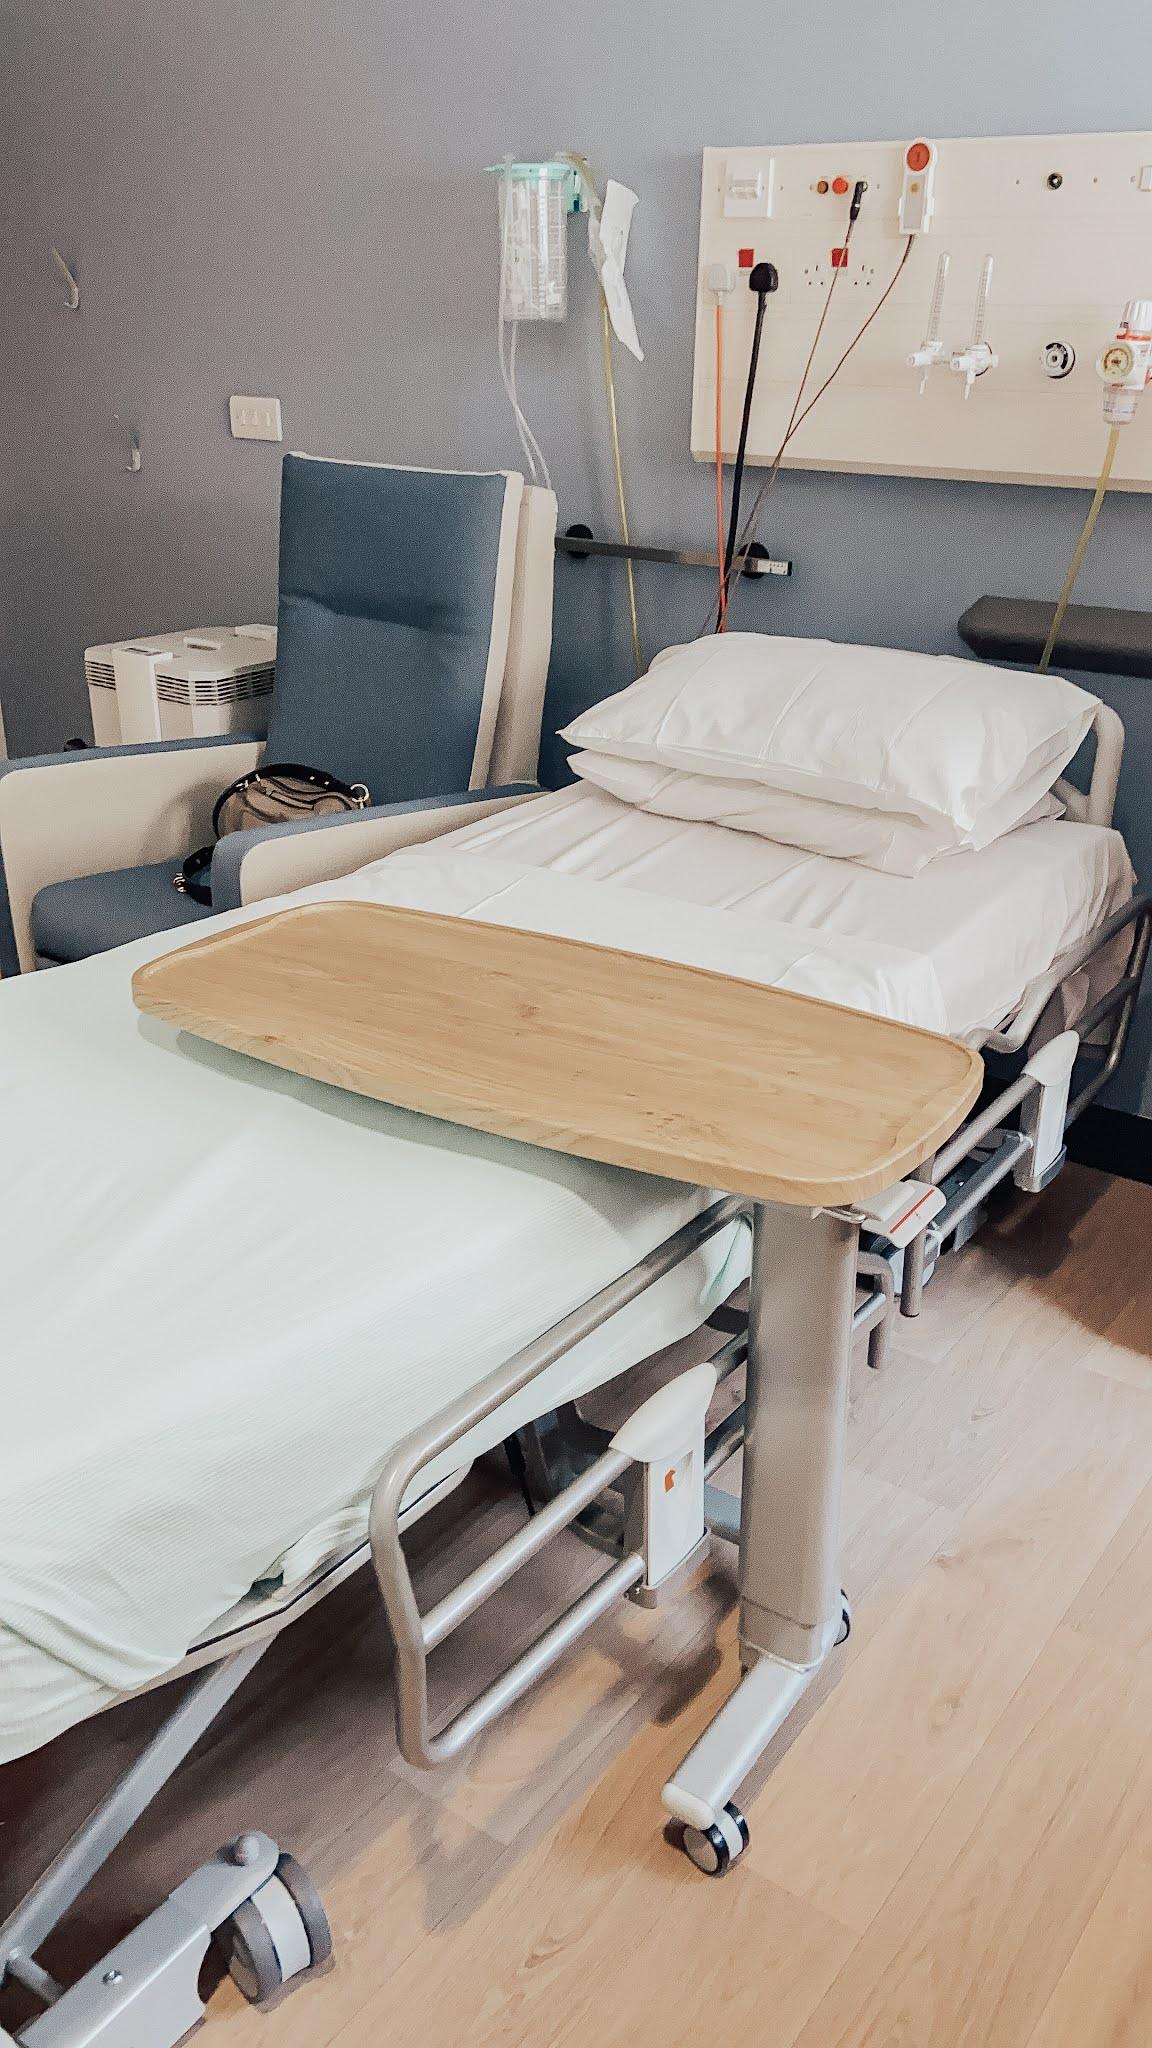 Hospital bed, Llandough Hospital, Cardiff